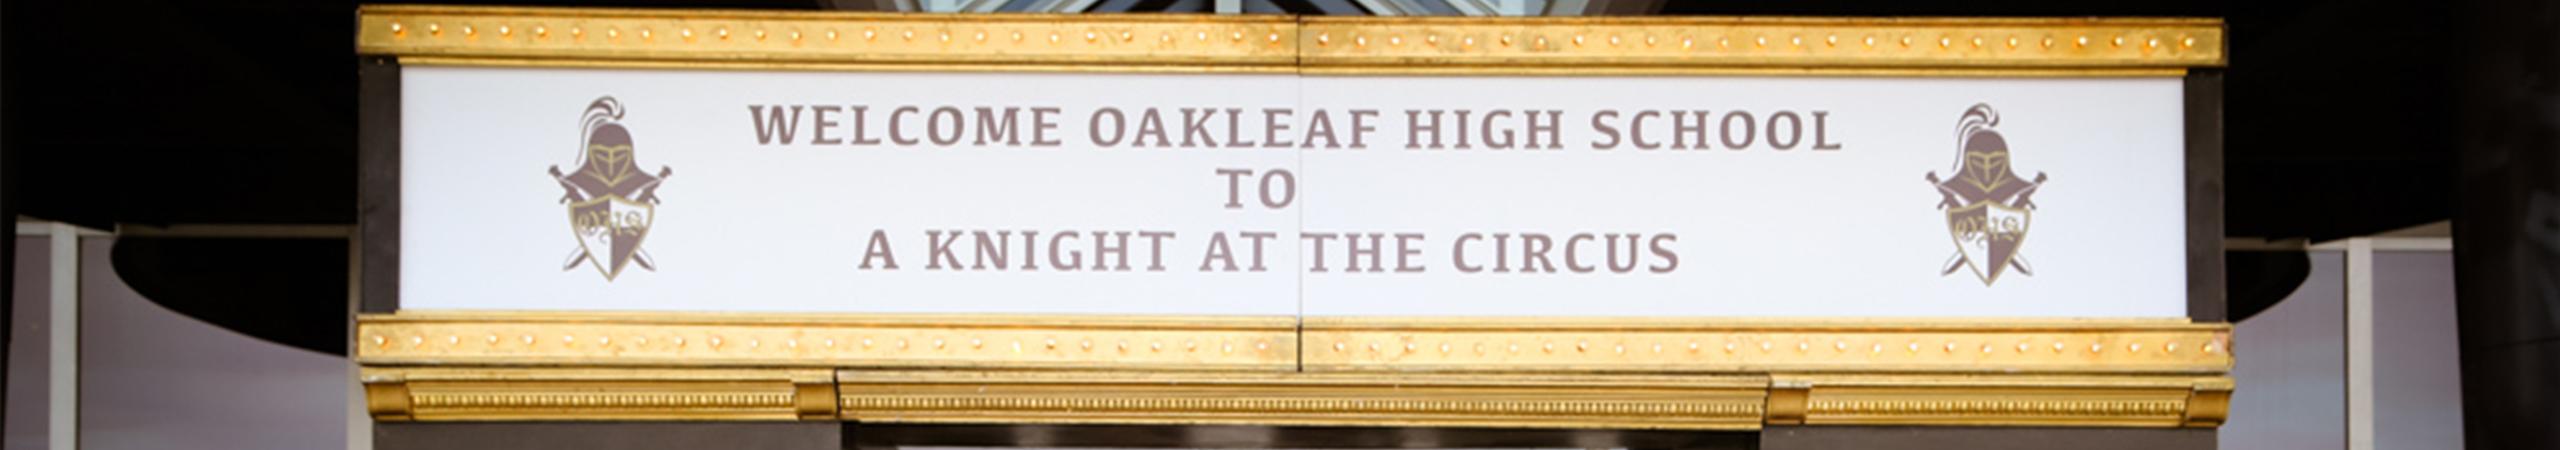 Oakleaf High School Prom 2017